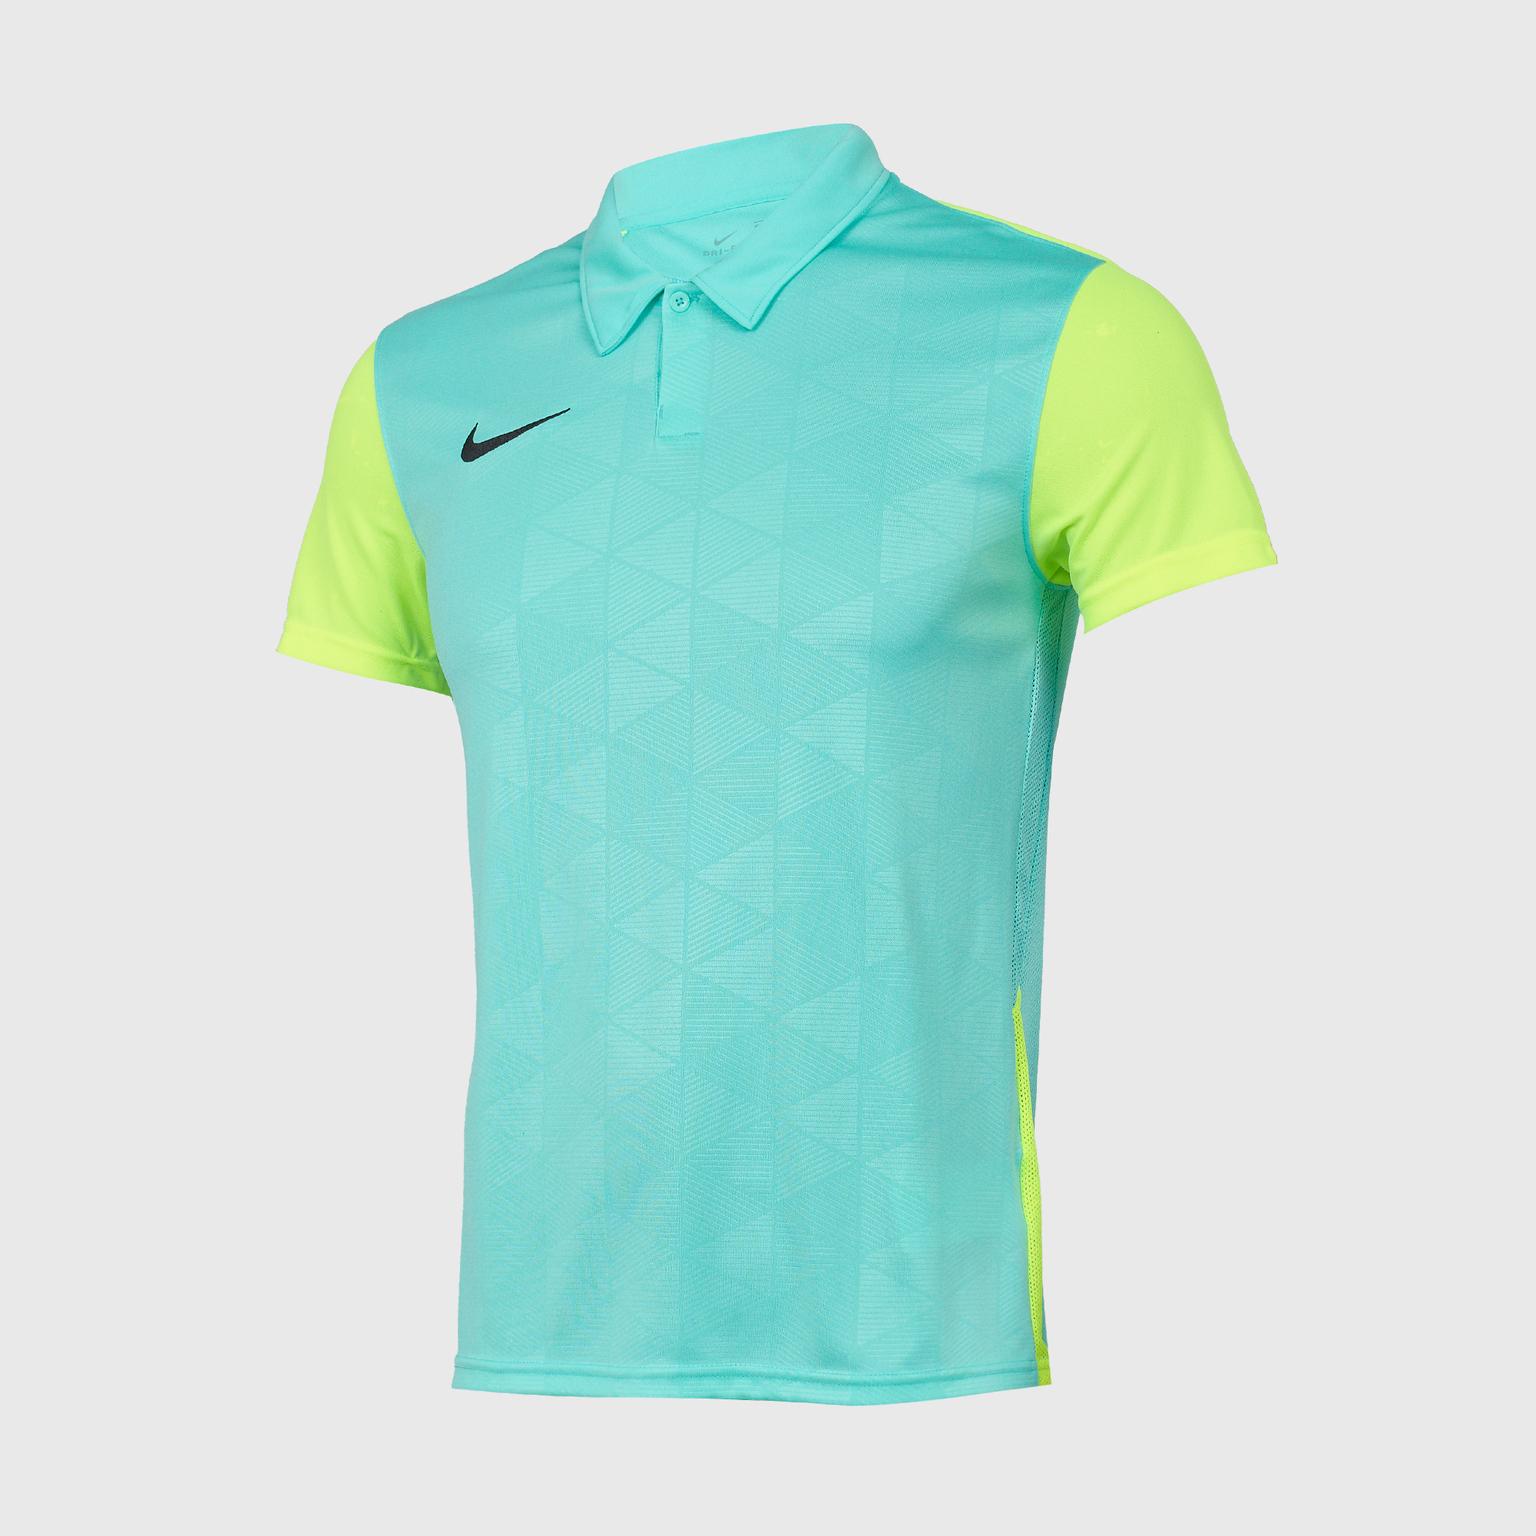 Футболка игровая Nike Trophy IV BV6725-354 футболка игровая nike trophy iv bv6725 413